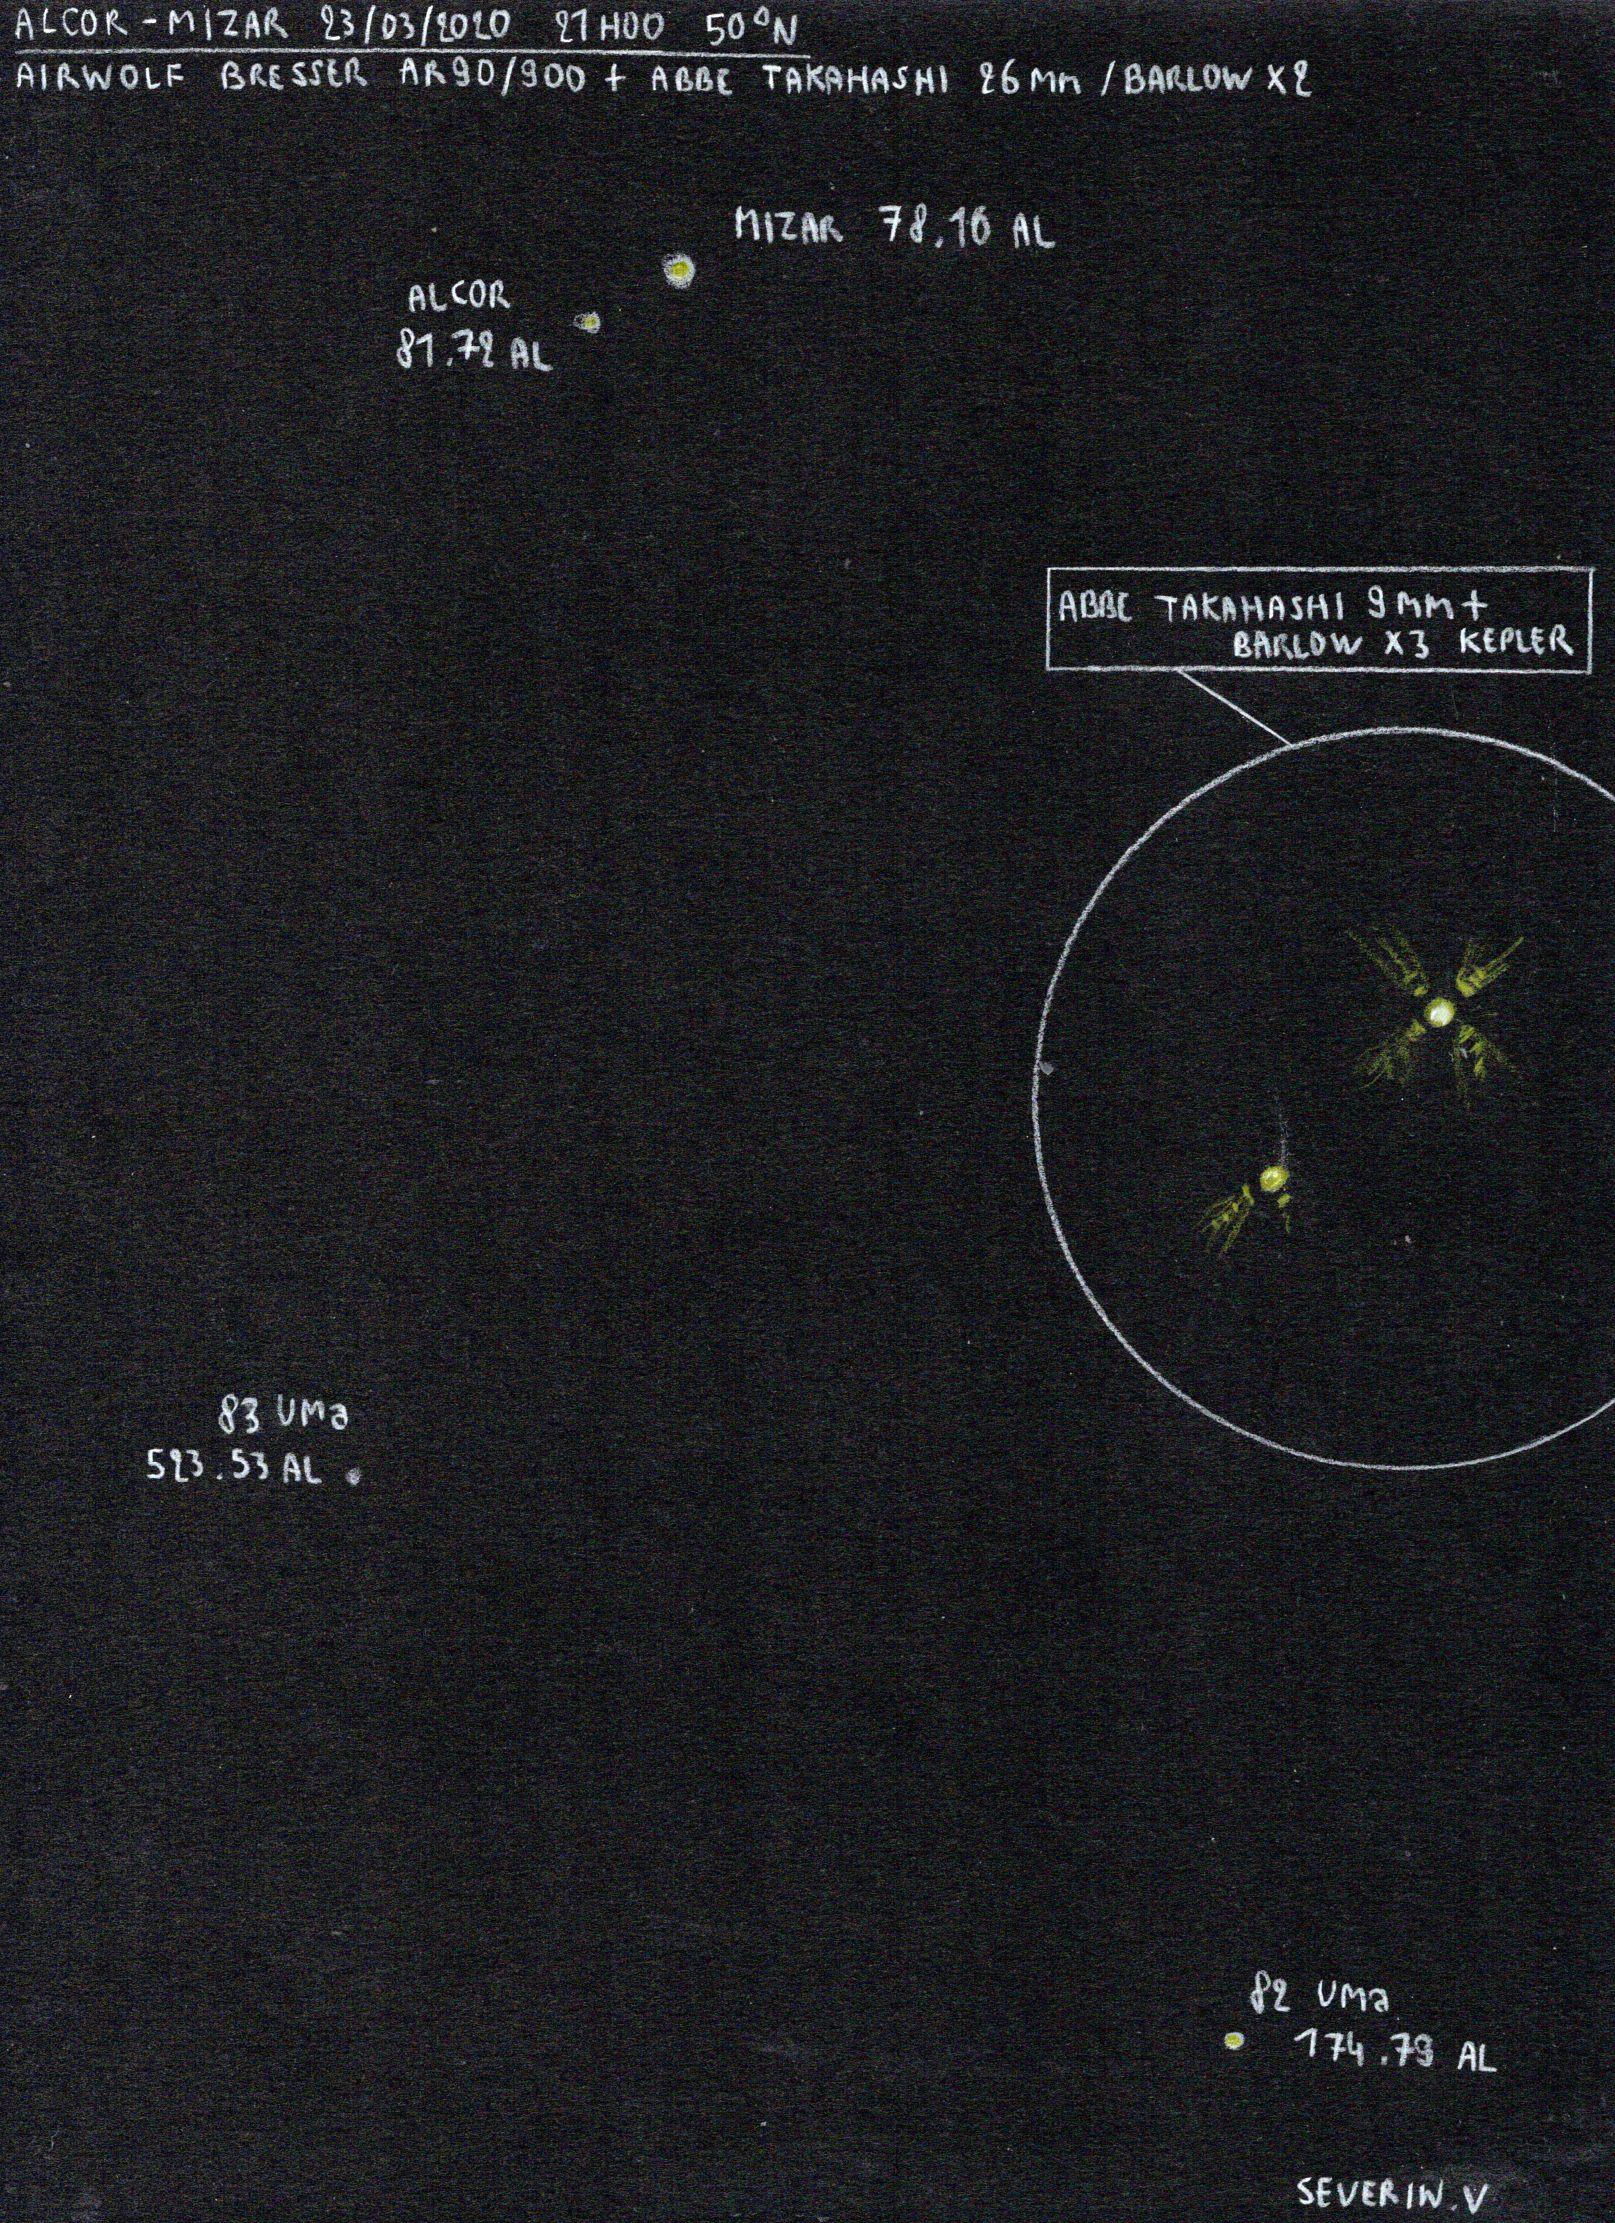 large.5e79dd1c8fc5e_ALCOR-MIZAR23-03-20.jpg.dcf1323bed6aabd5c925f3d0c04a3aa0.jpg